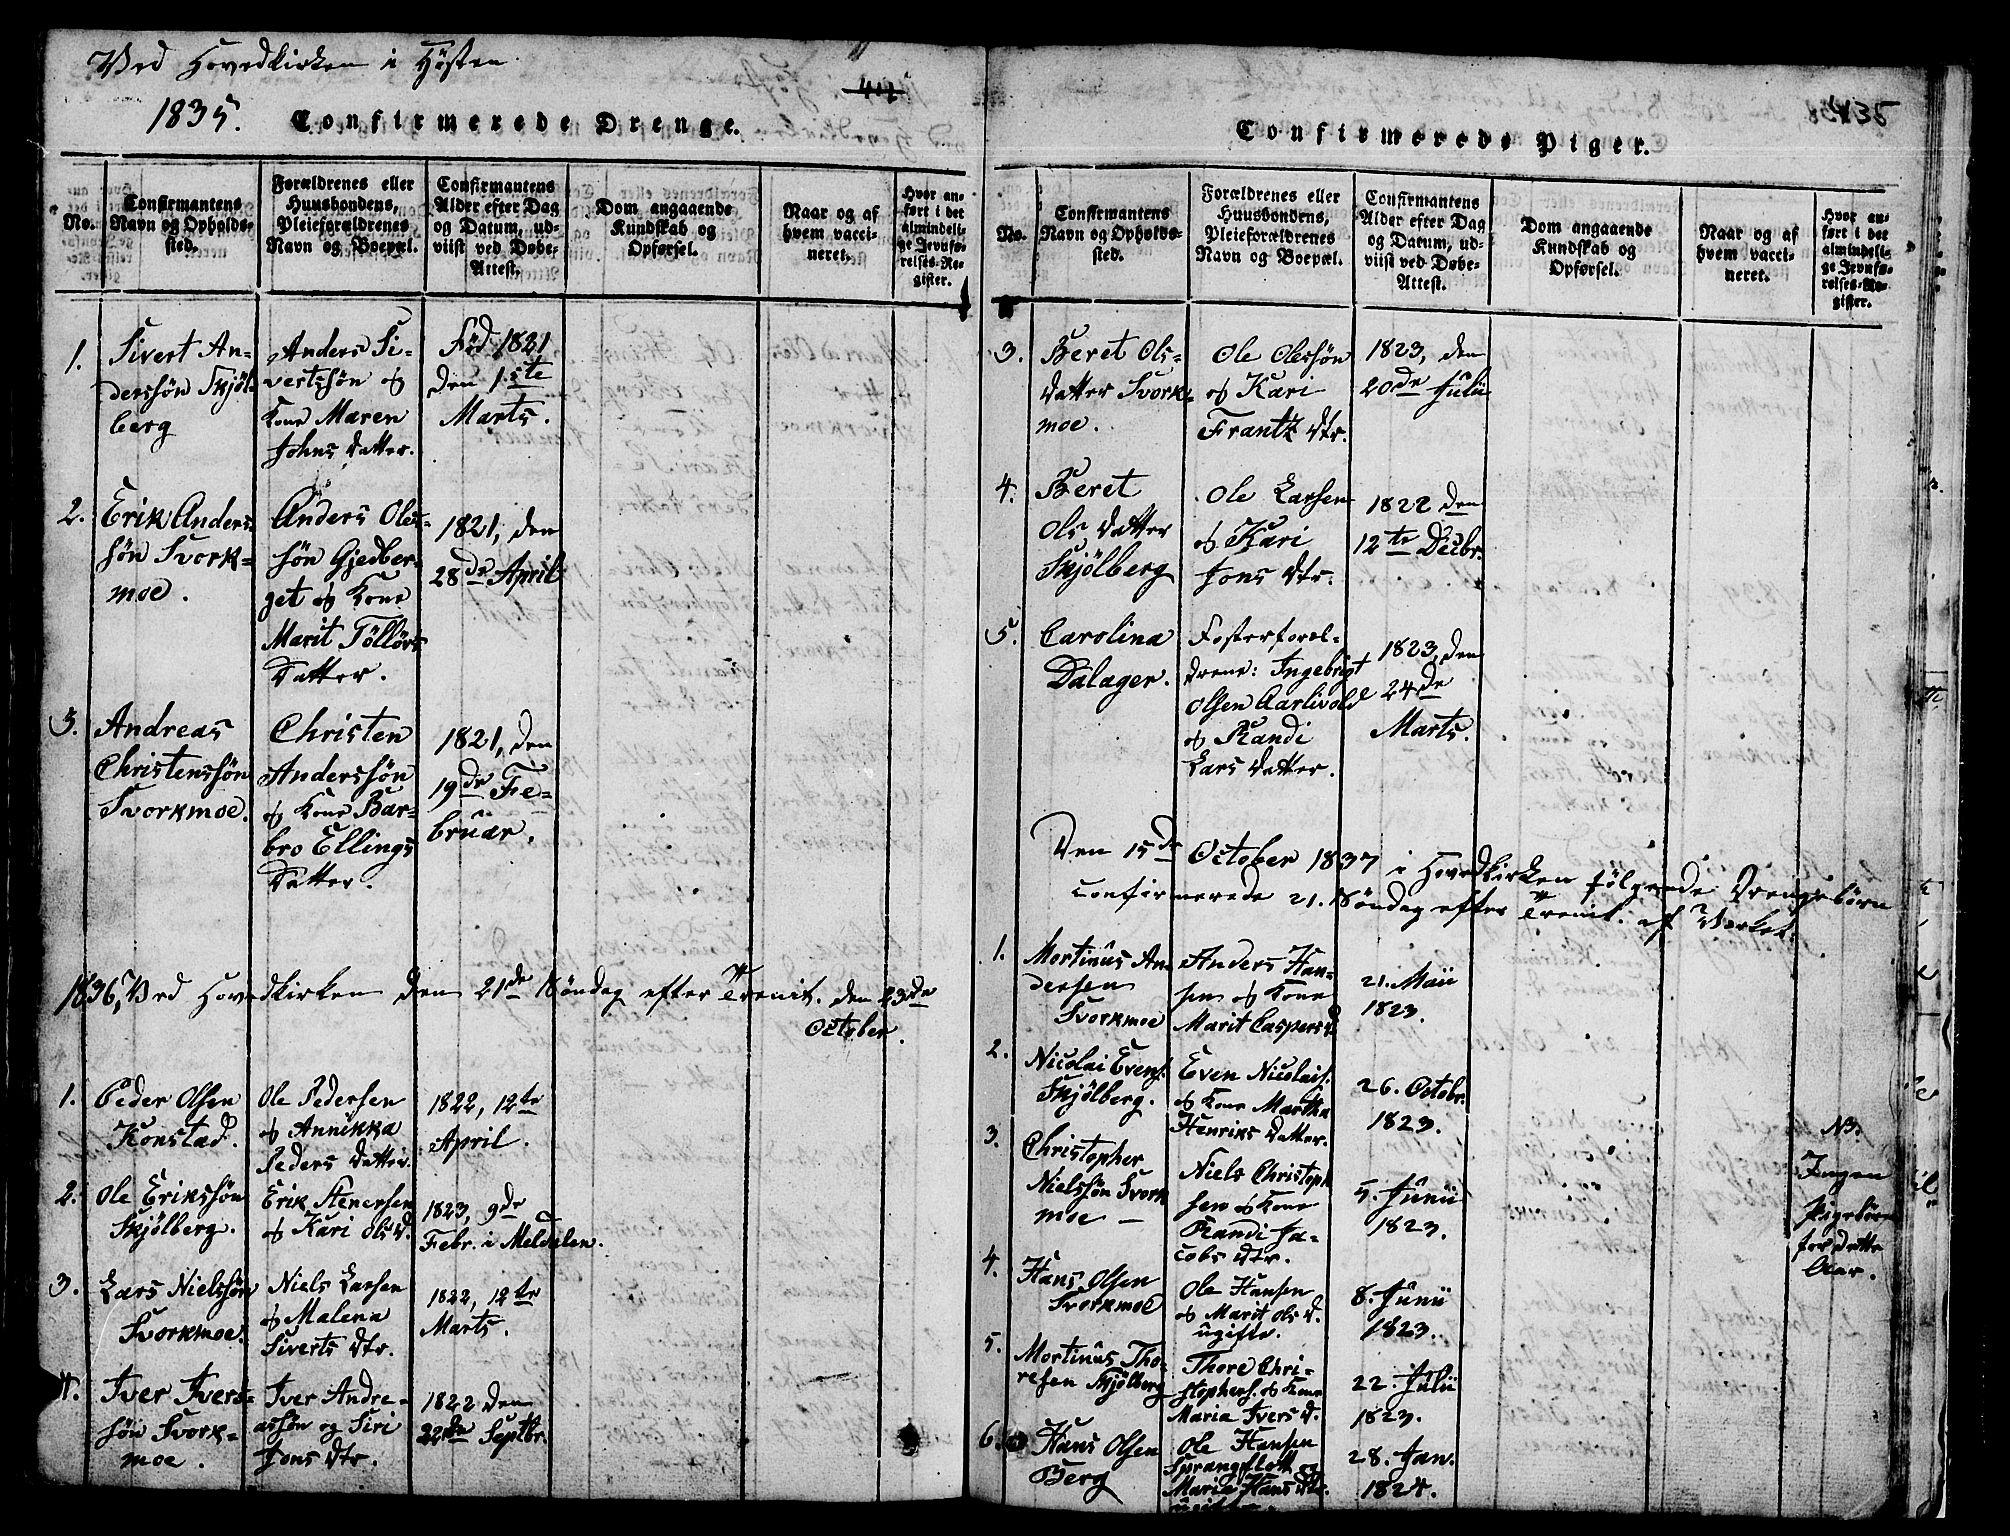 SAT, Ministerialprotokoller, klokkerbøker og fødselsregistre - Sør-Trøndelag, 671/L0842: Klokkerbok nr. 671C01, 1816-1867, s. 434-435